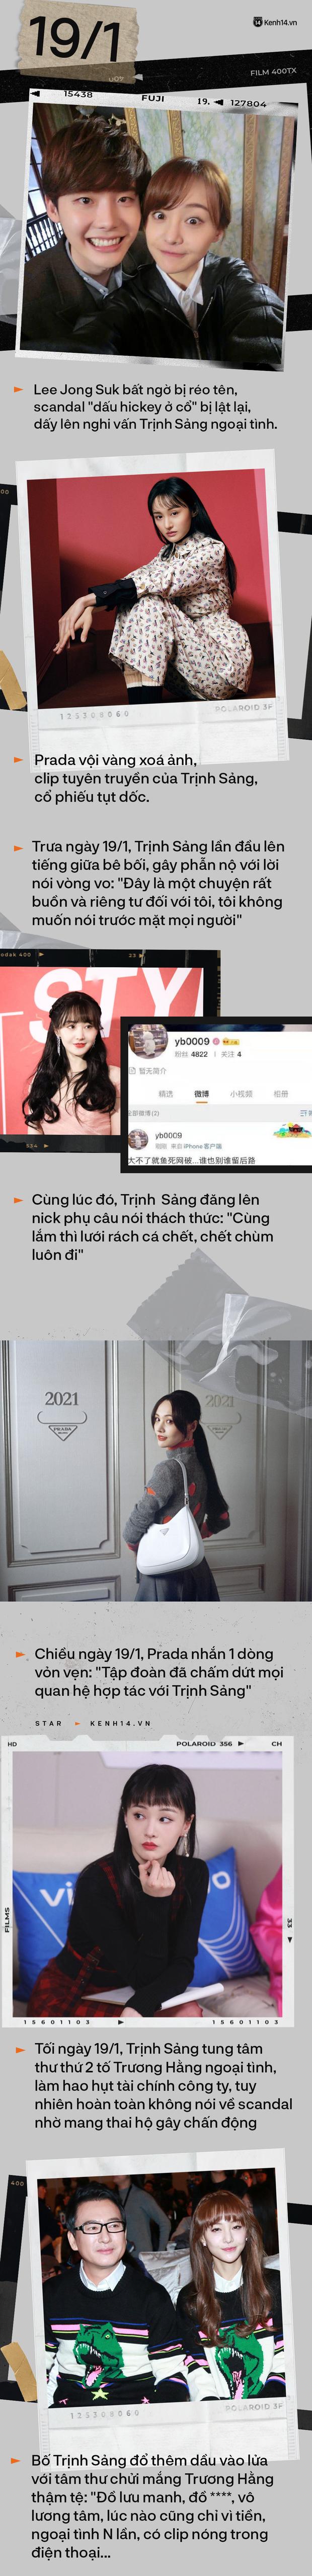 Toàn cảnh scandal khiến Trịnh Sảng thân bại danh liệt: Thuê người mang thai, ruồng bỏ con cái, Lee Jong Suk cũng bị réo tên - Ảnh 3.